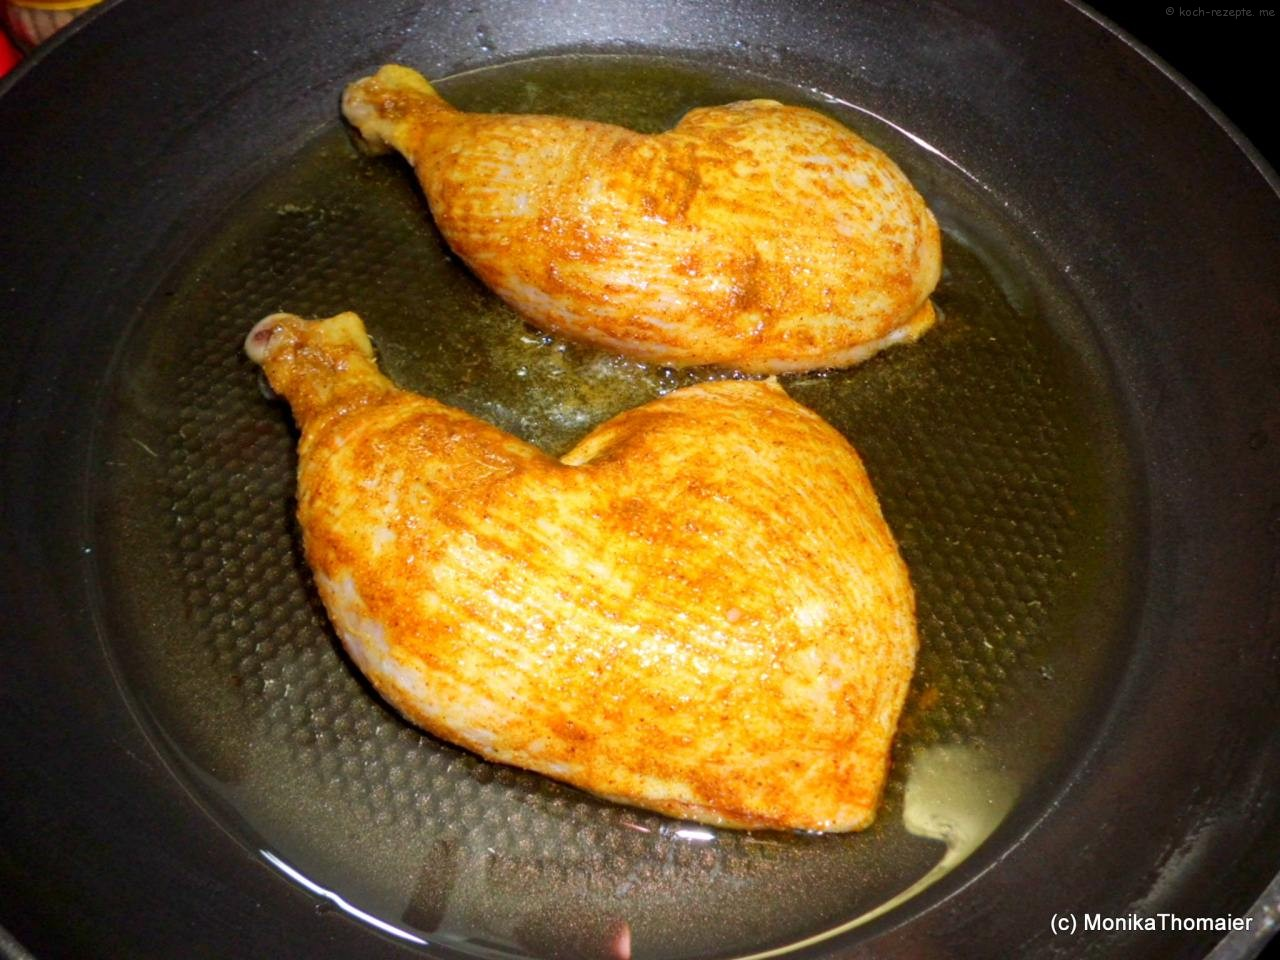 Hähnchenkeulen mit Currypaste einschmieren